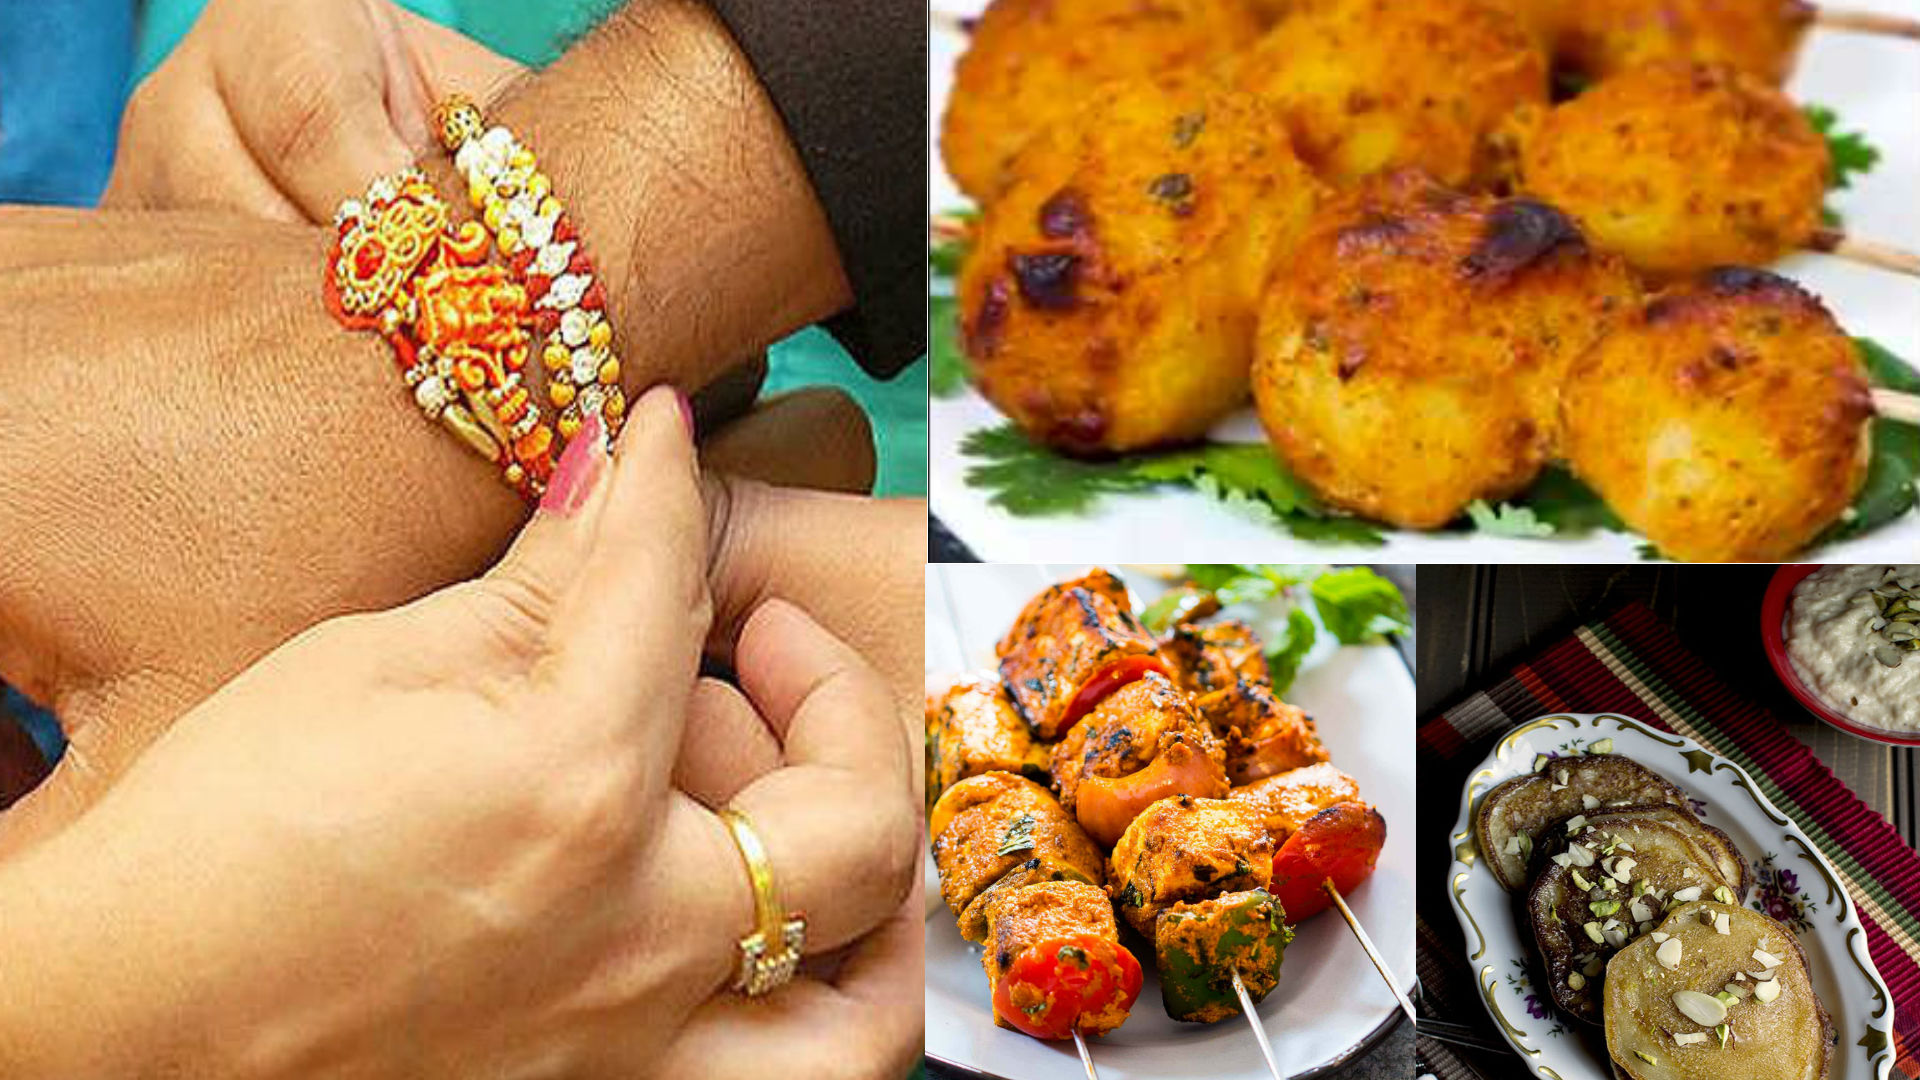 Raksha Bandhan 2019: रक्षाबंधन पर बनाएं ये लजीज पकवान, दोगुना हो जाएगा त्योहार का मजा